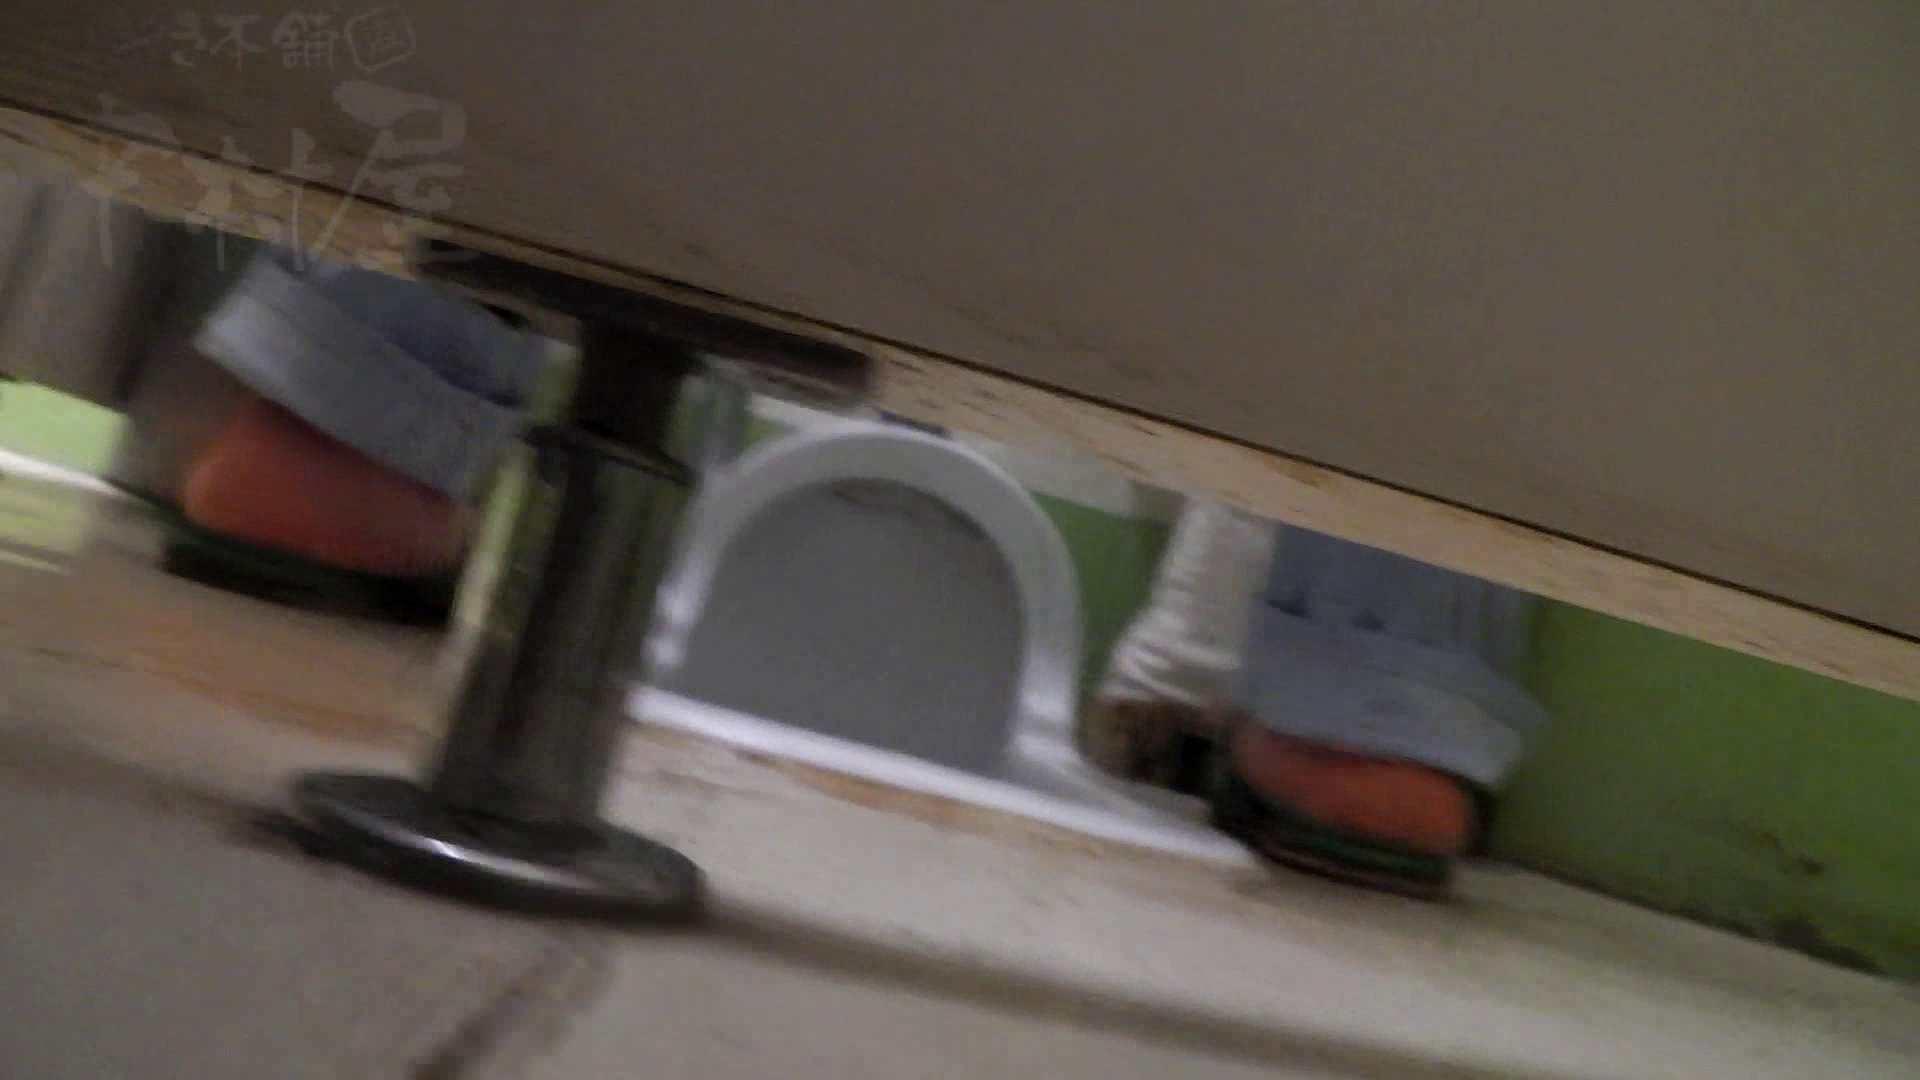 美しい日本の未来 No.02 番外編※注意※好き嫌いはわかれる所です。 トイレ突入 性交動画流出 106pic 35